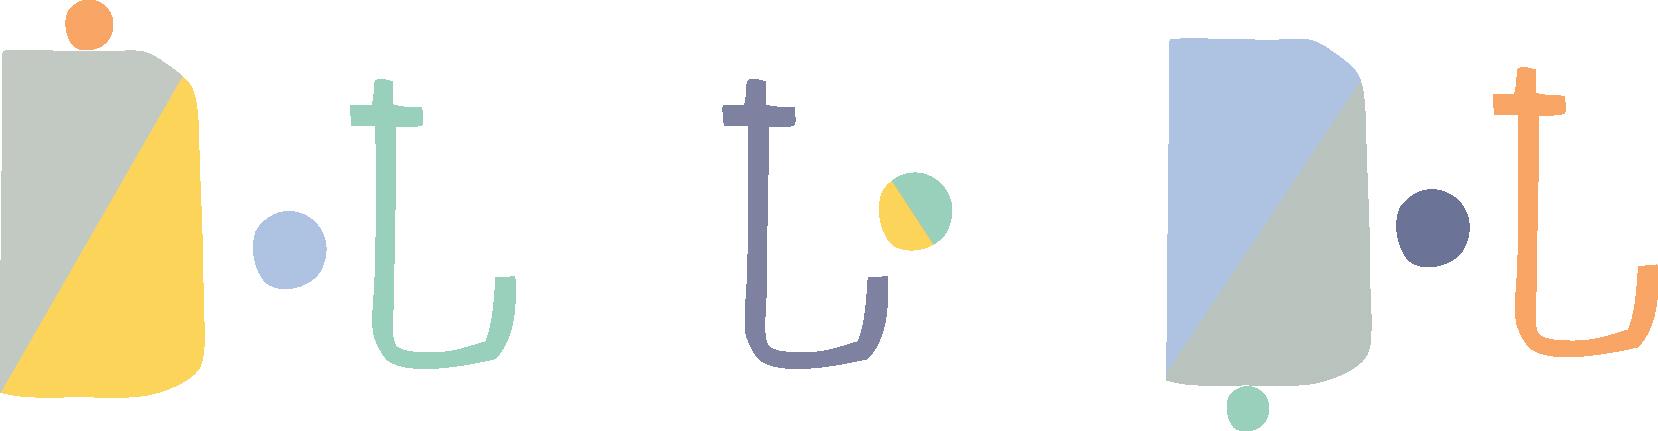 dototdot logo